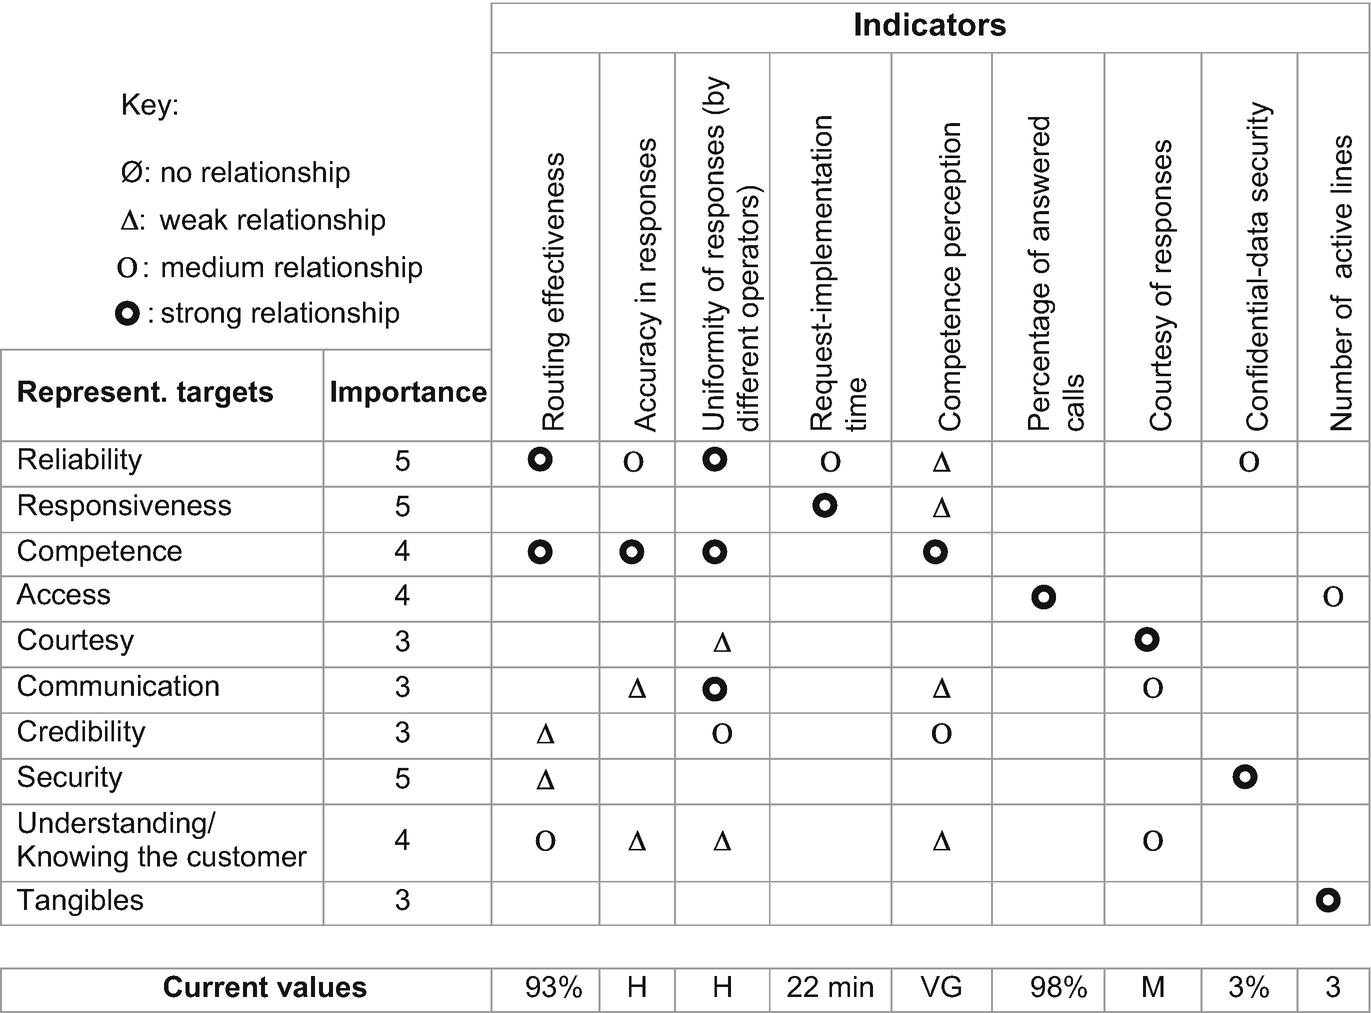 Designing a Performance Measurement System | SpringerLink